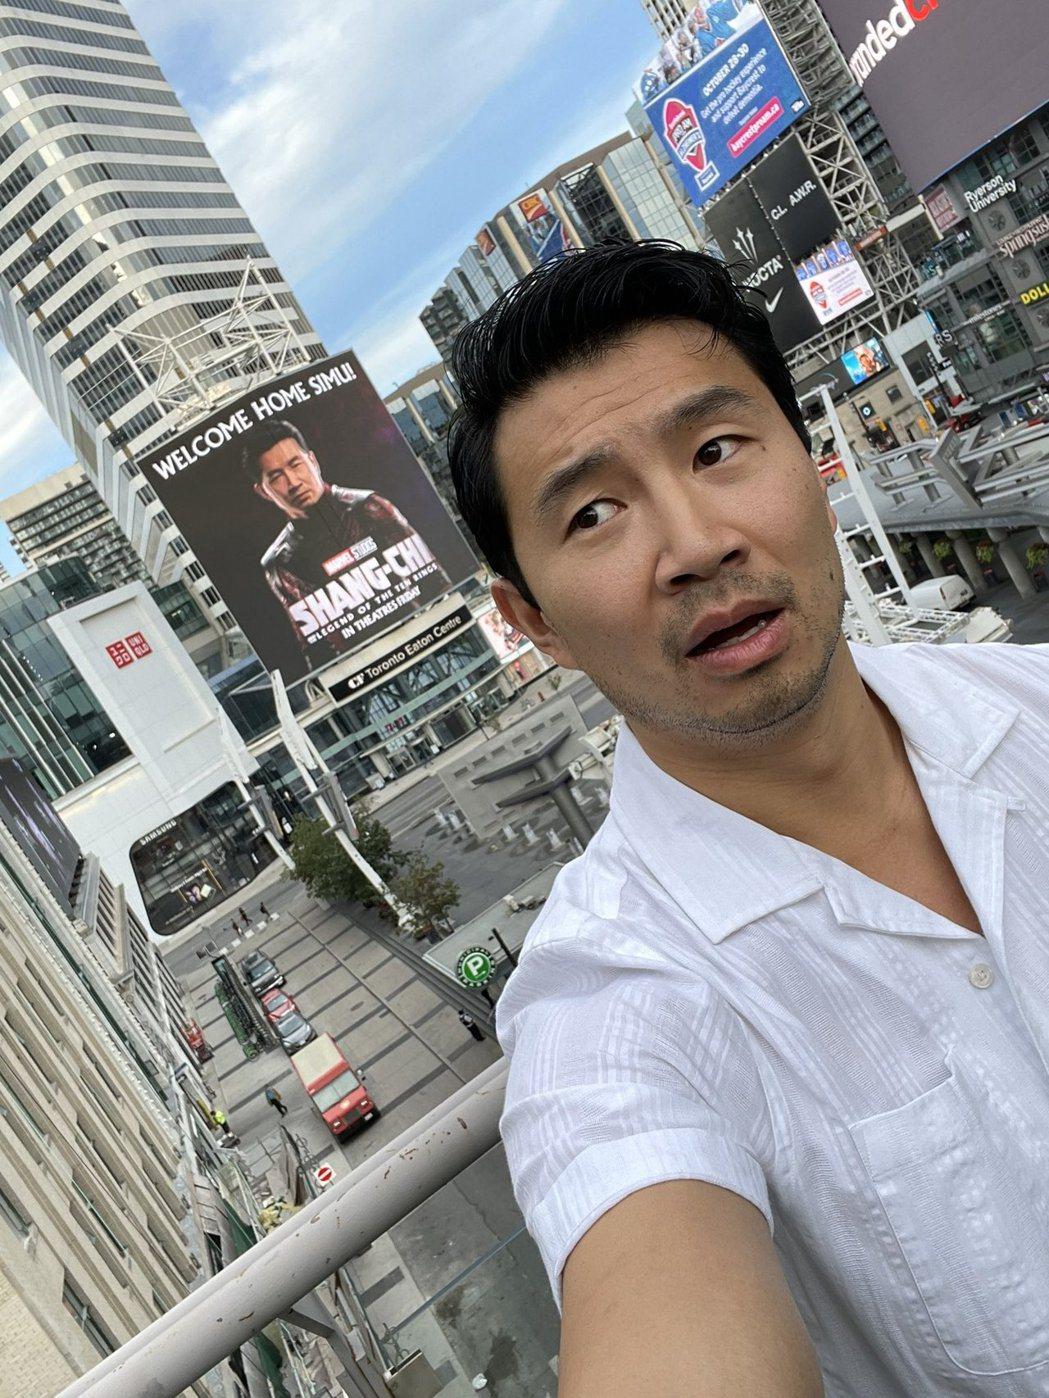 劉思慕風光回到家鄉,身後有他演出「尚氣與十環傳奇」的大型宣材。圖/摘自IG